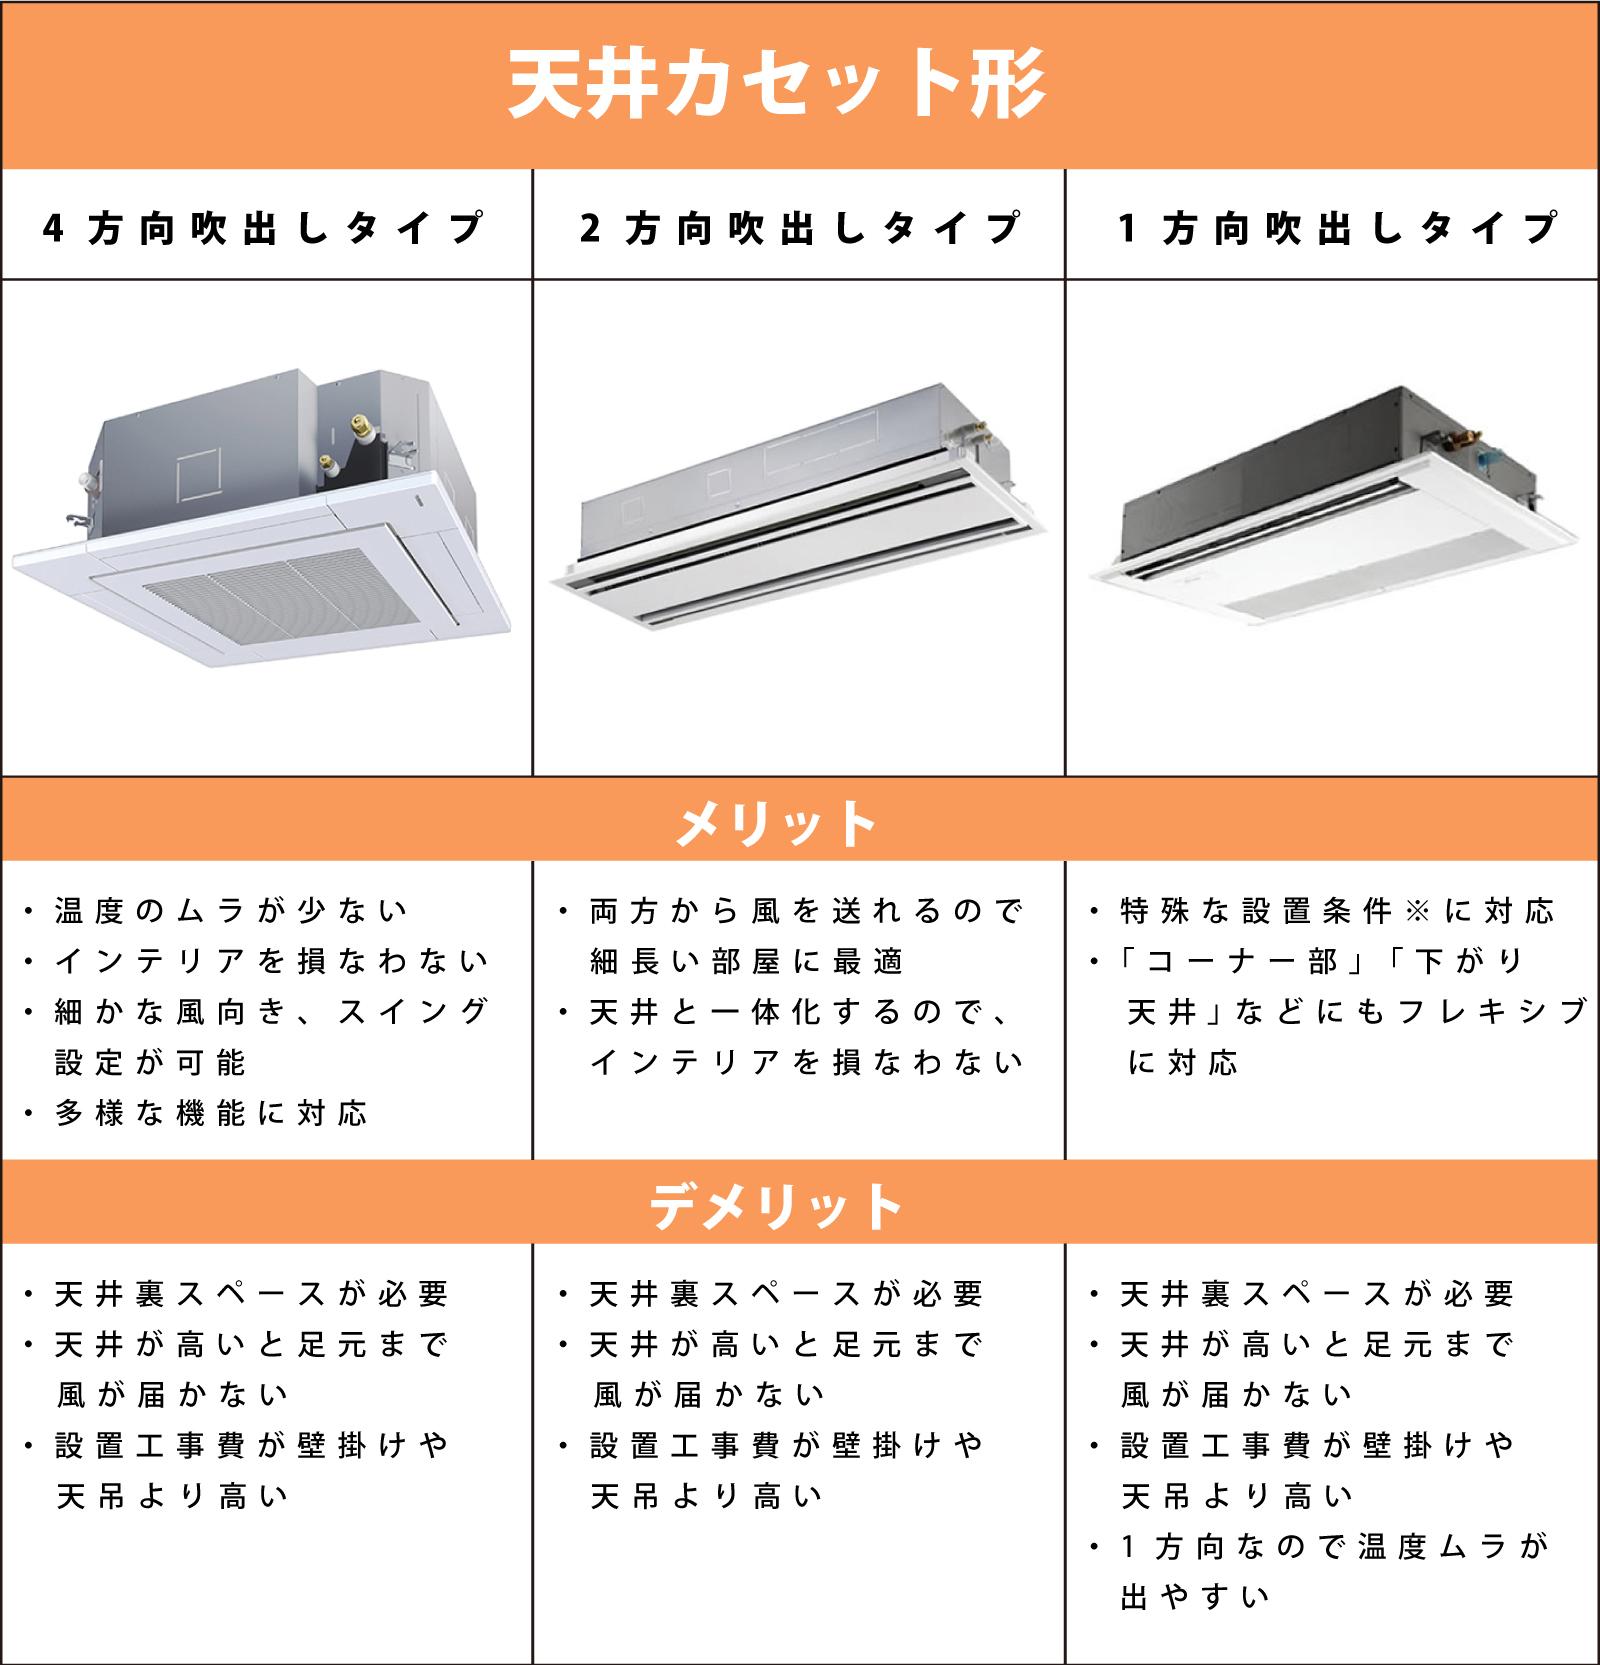 天井カセット型